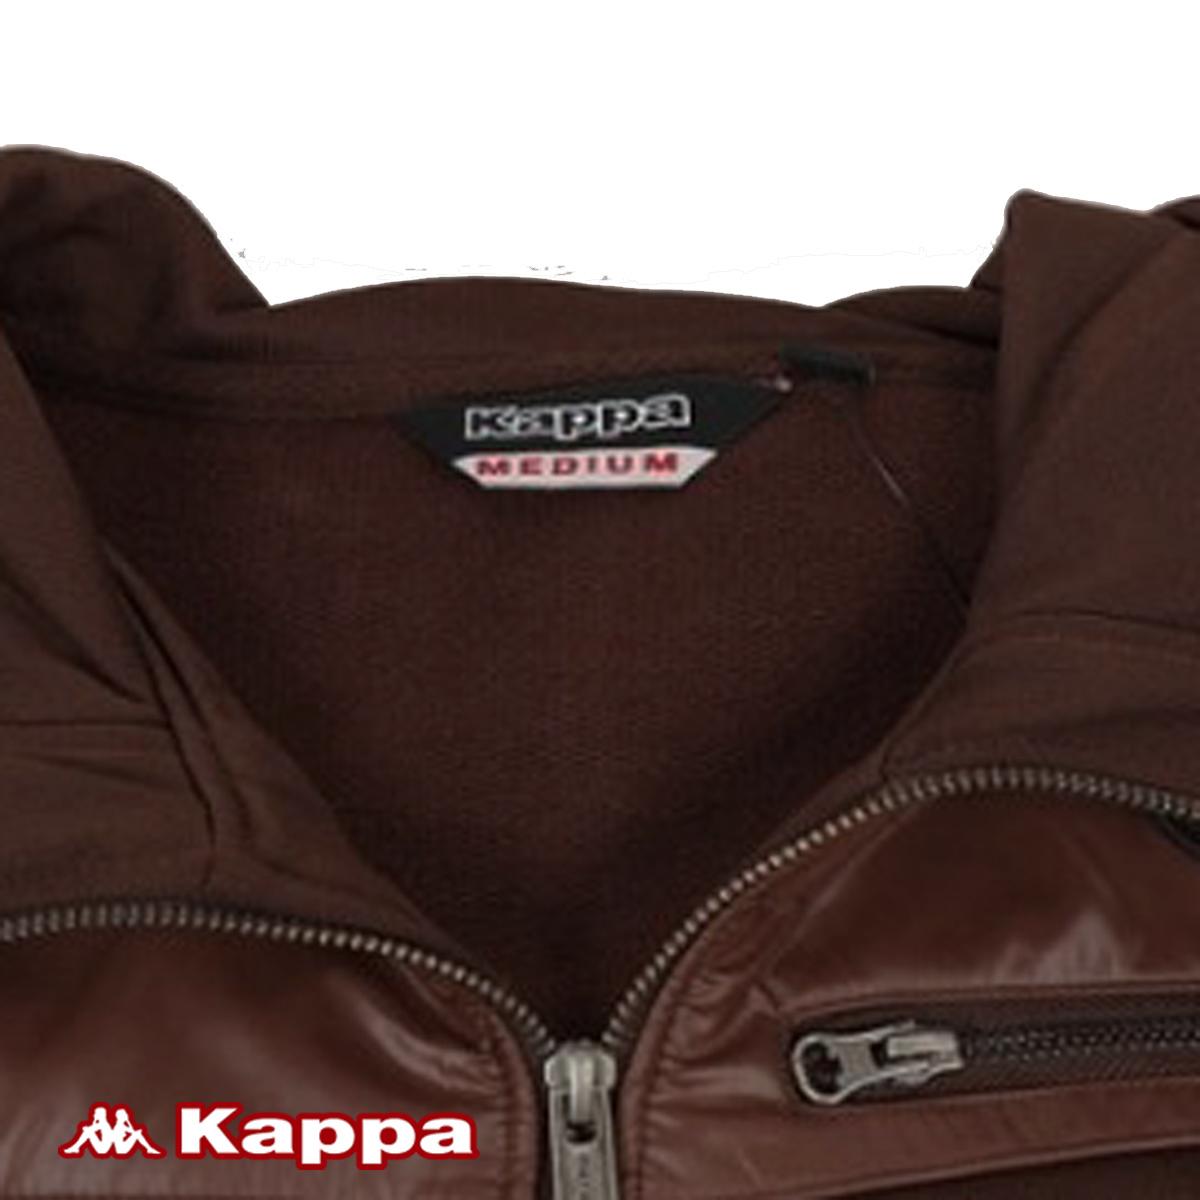 Спортивная толстовка Kappa k2093wm173/675 ... K2093WM173-675 Мужская Спорт и отдых Осень и зима 2009